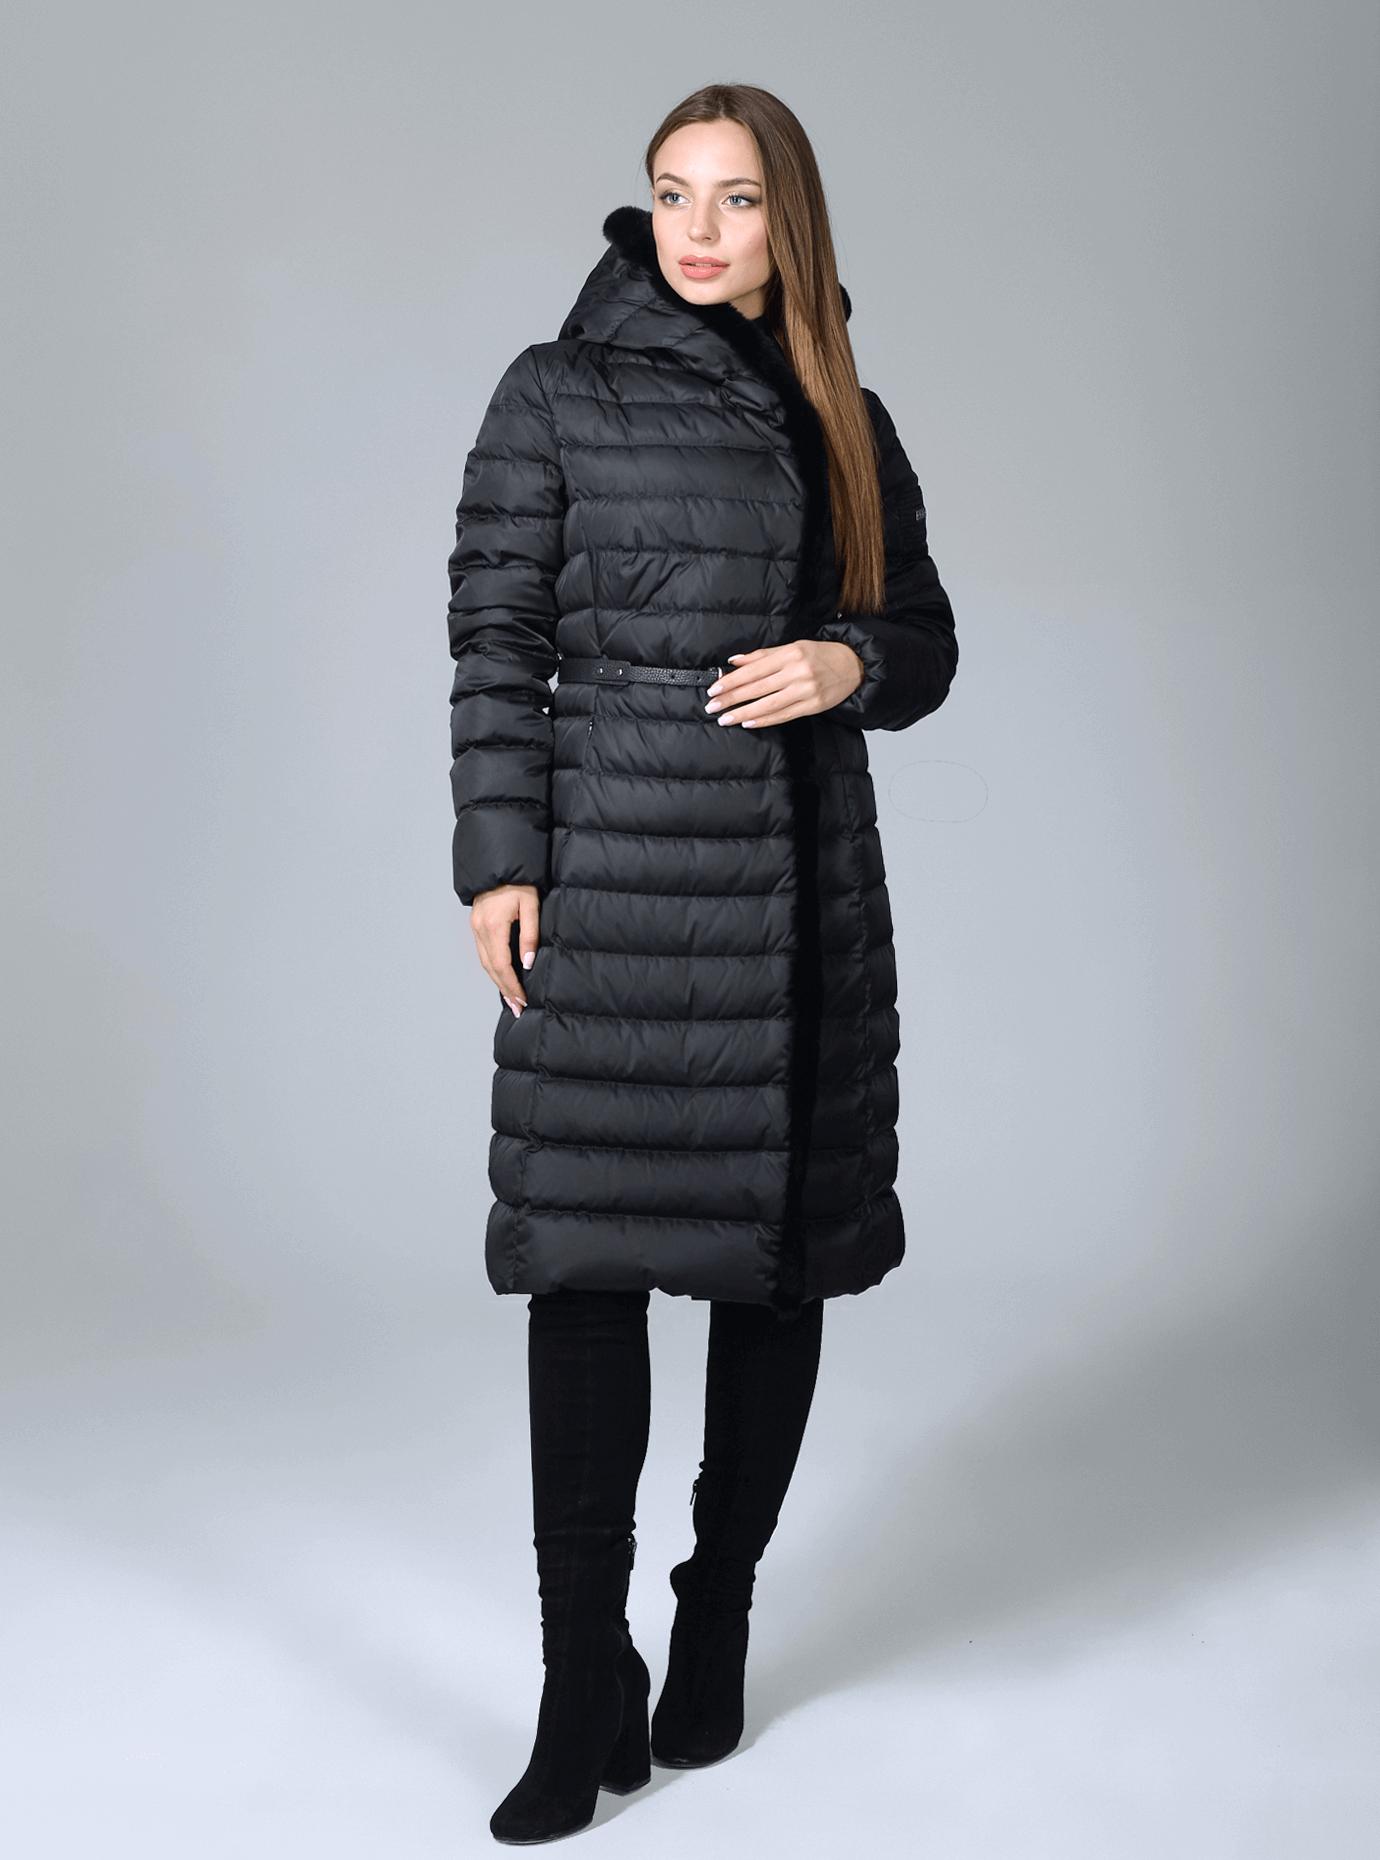 Куртка зимняя женская с меховой отделкой Чёрный S (02-CR170233): фото - Alster.ua